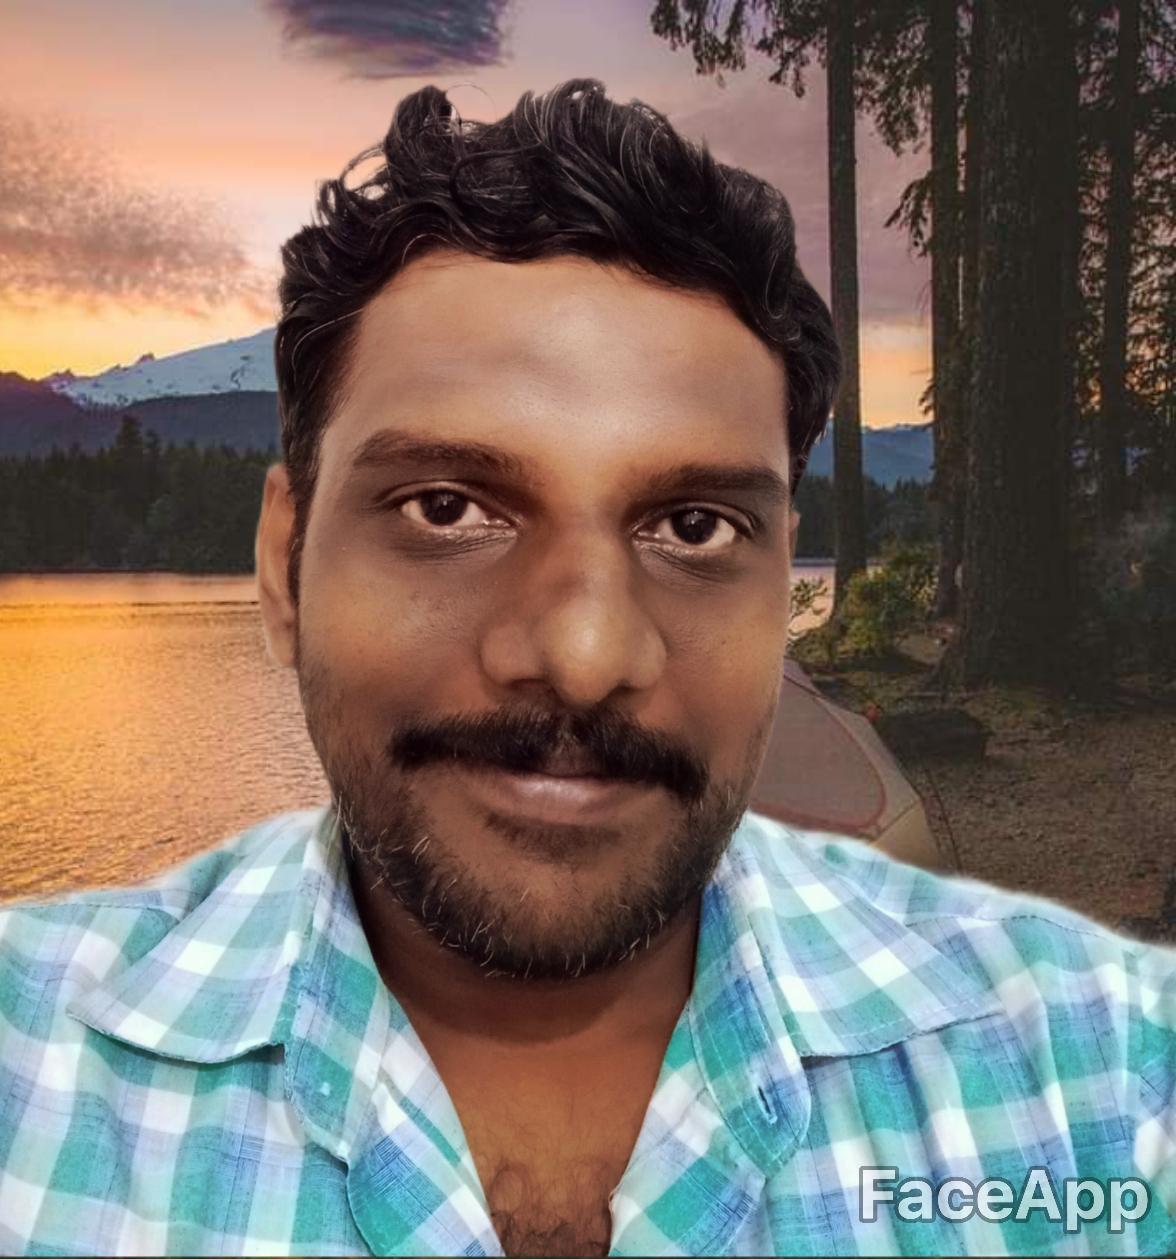 FaceApp_1564360206493.jpg